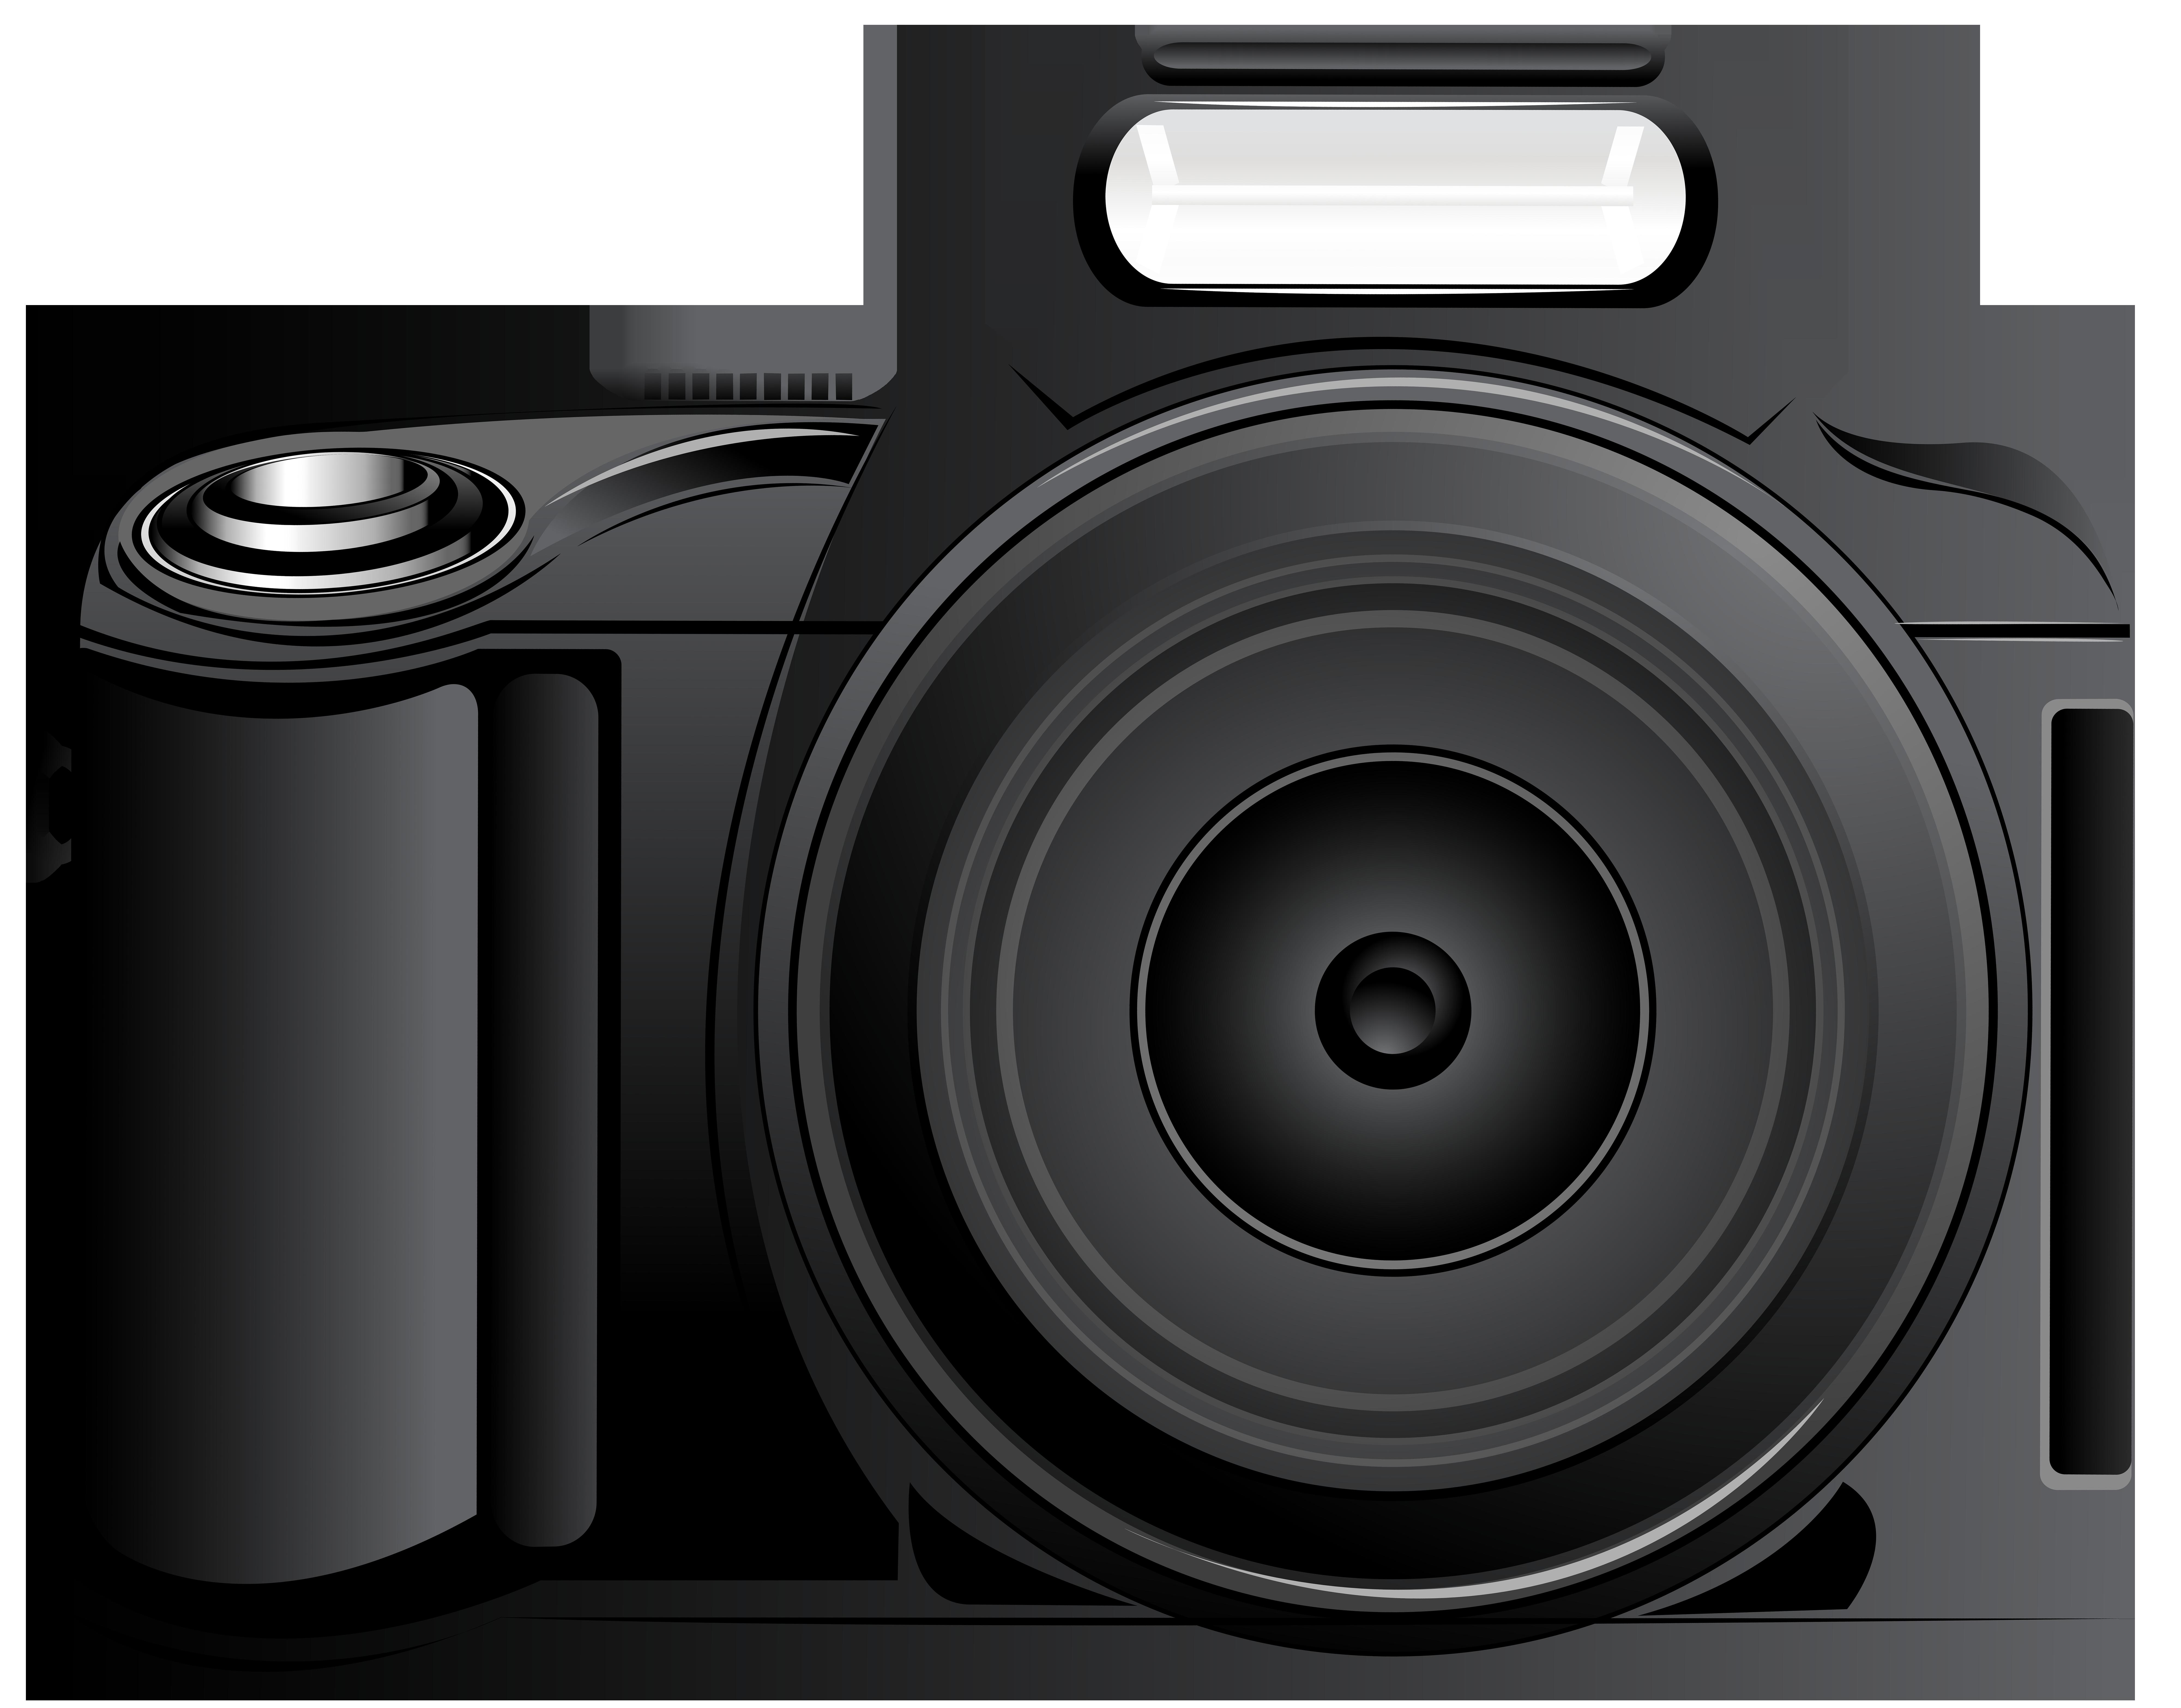 Camera PNG Clip Art Image.